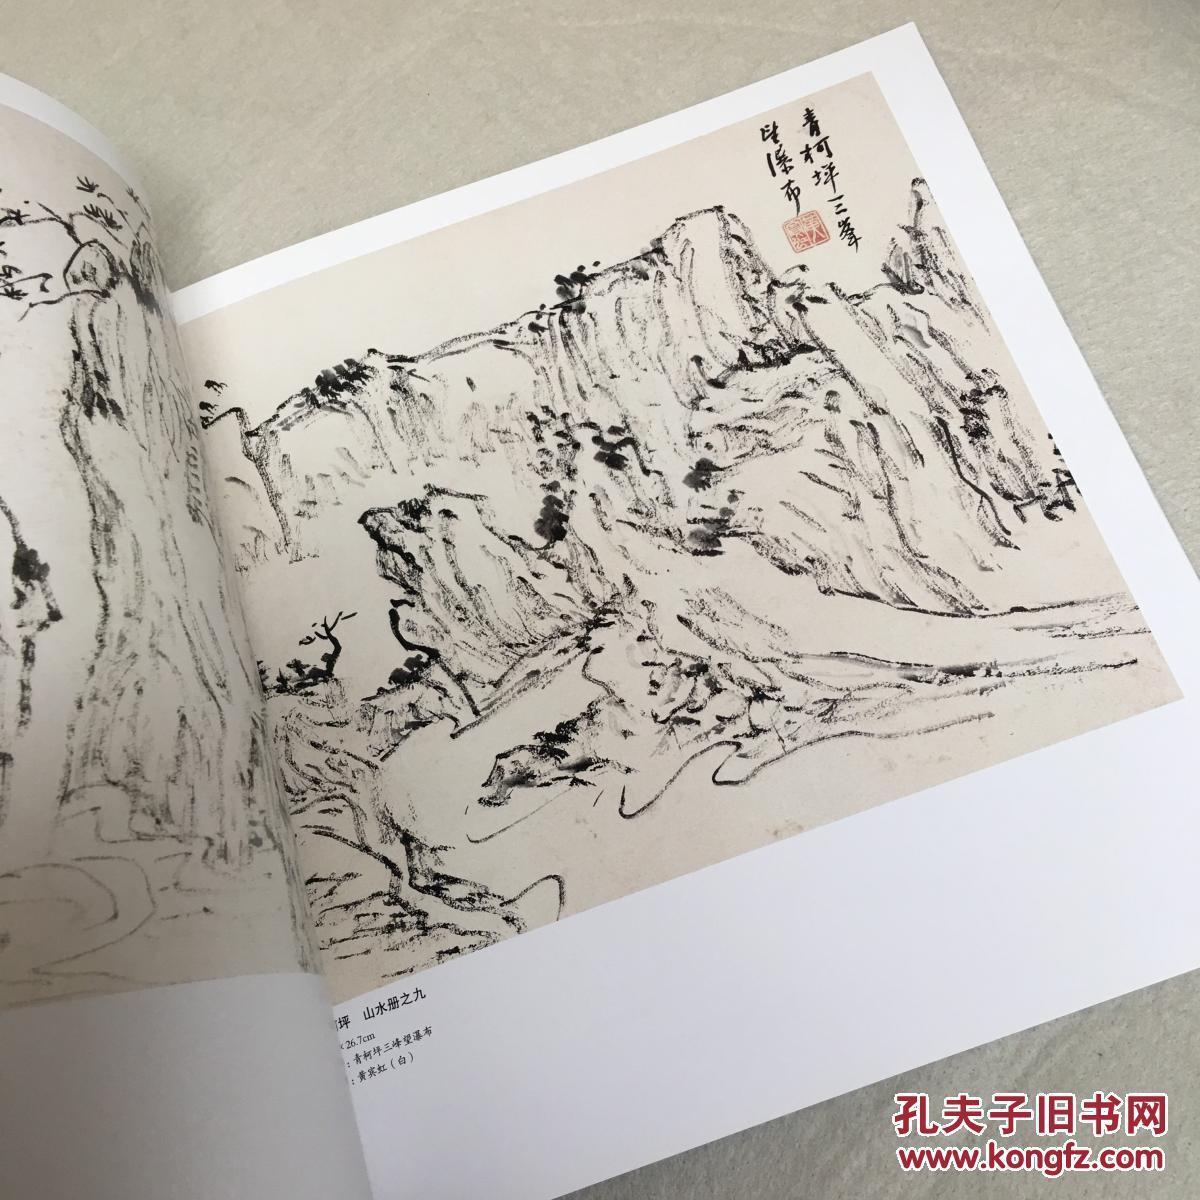 黄宾虹/国画基础入门/绘画技巧/名家画作山水画册畅销书籍图片